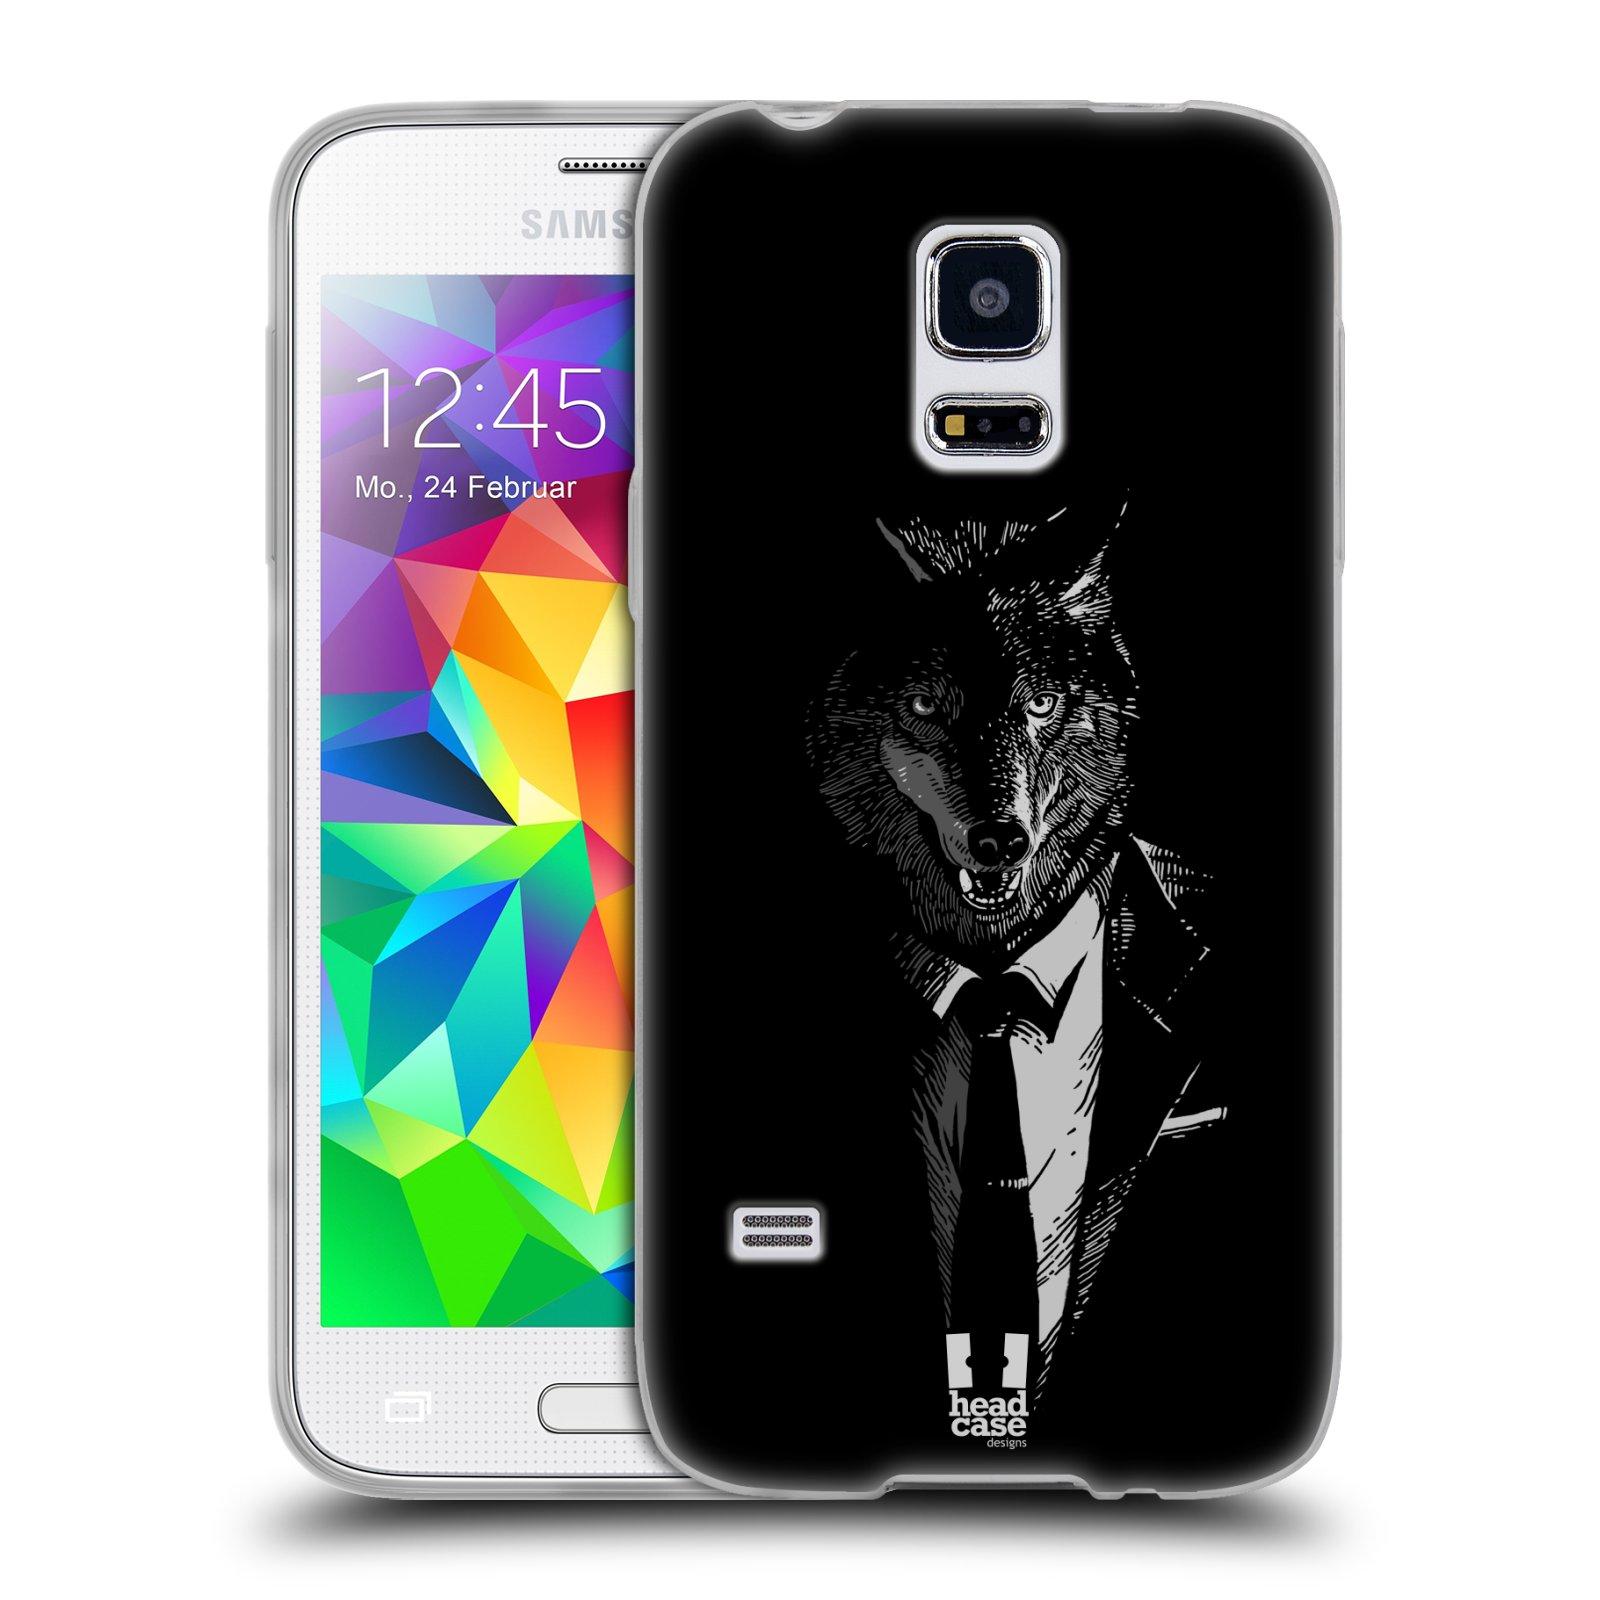 HEAD CASE silikonový obal na mobil Samsung Galaxy S5 MINI vzor Zvíře v obleku vlk